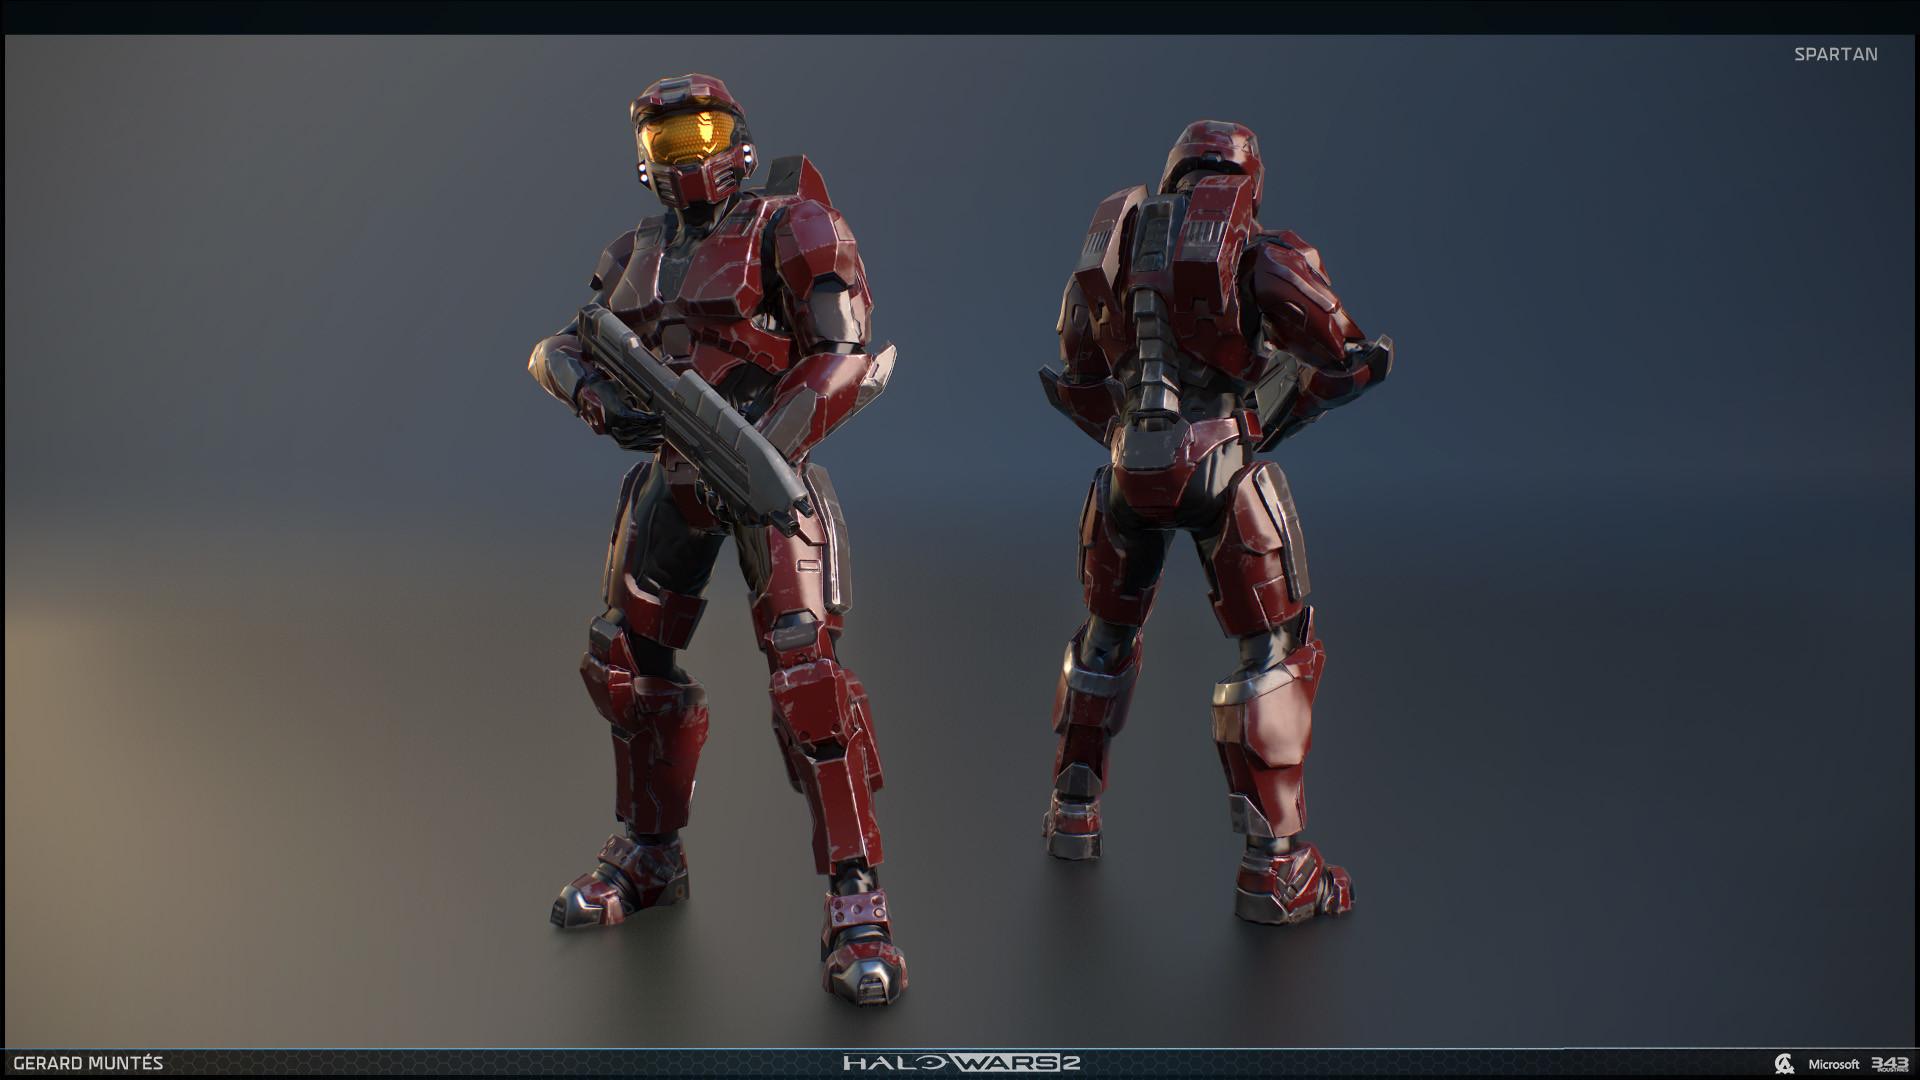 Gerard Muntés - Halo wars 2 Spartan